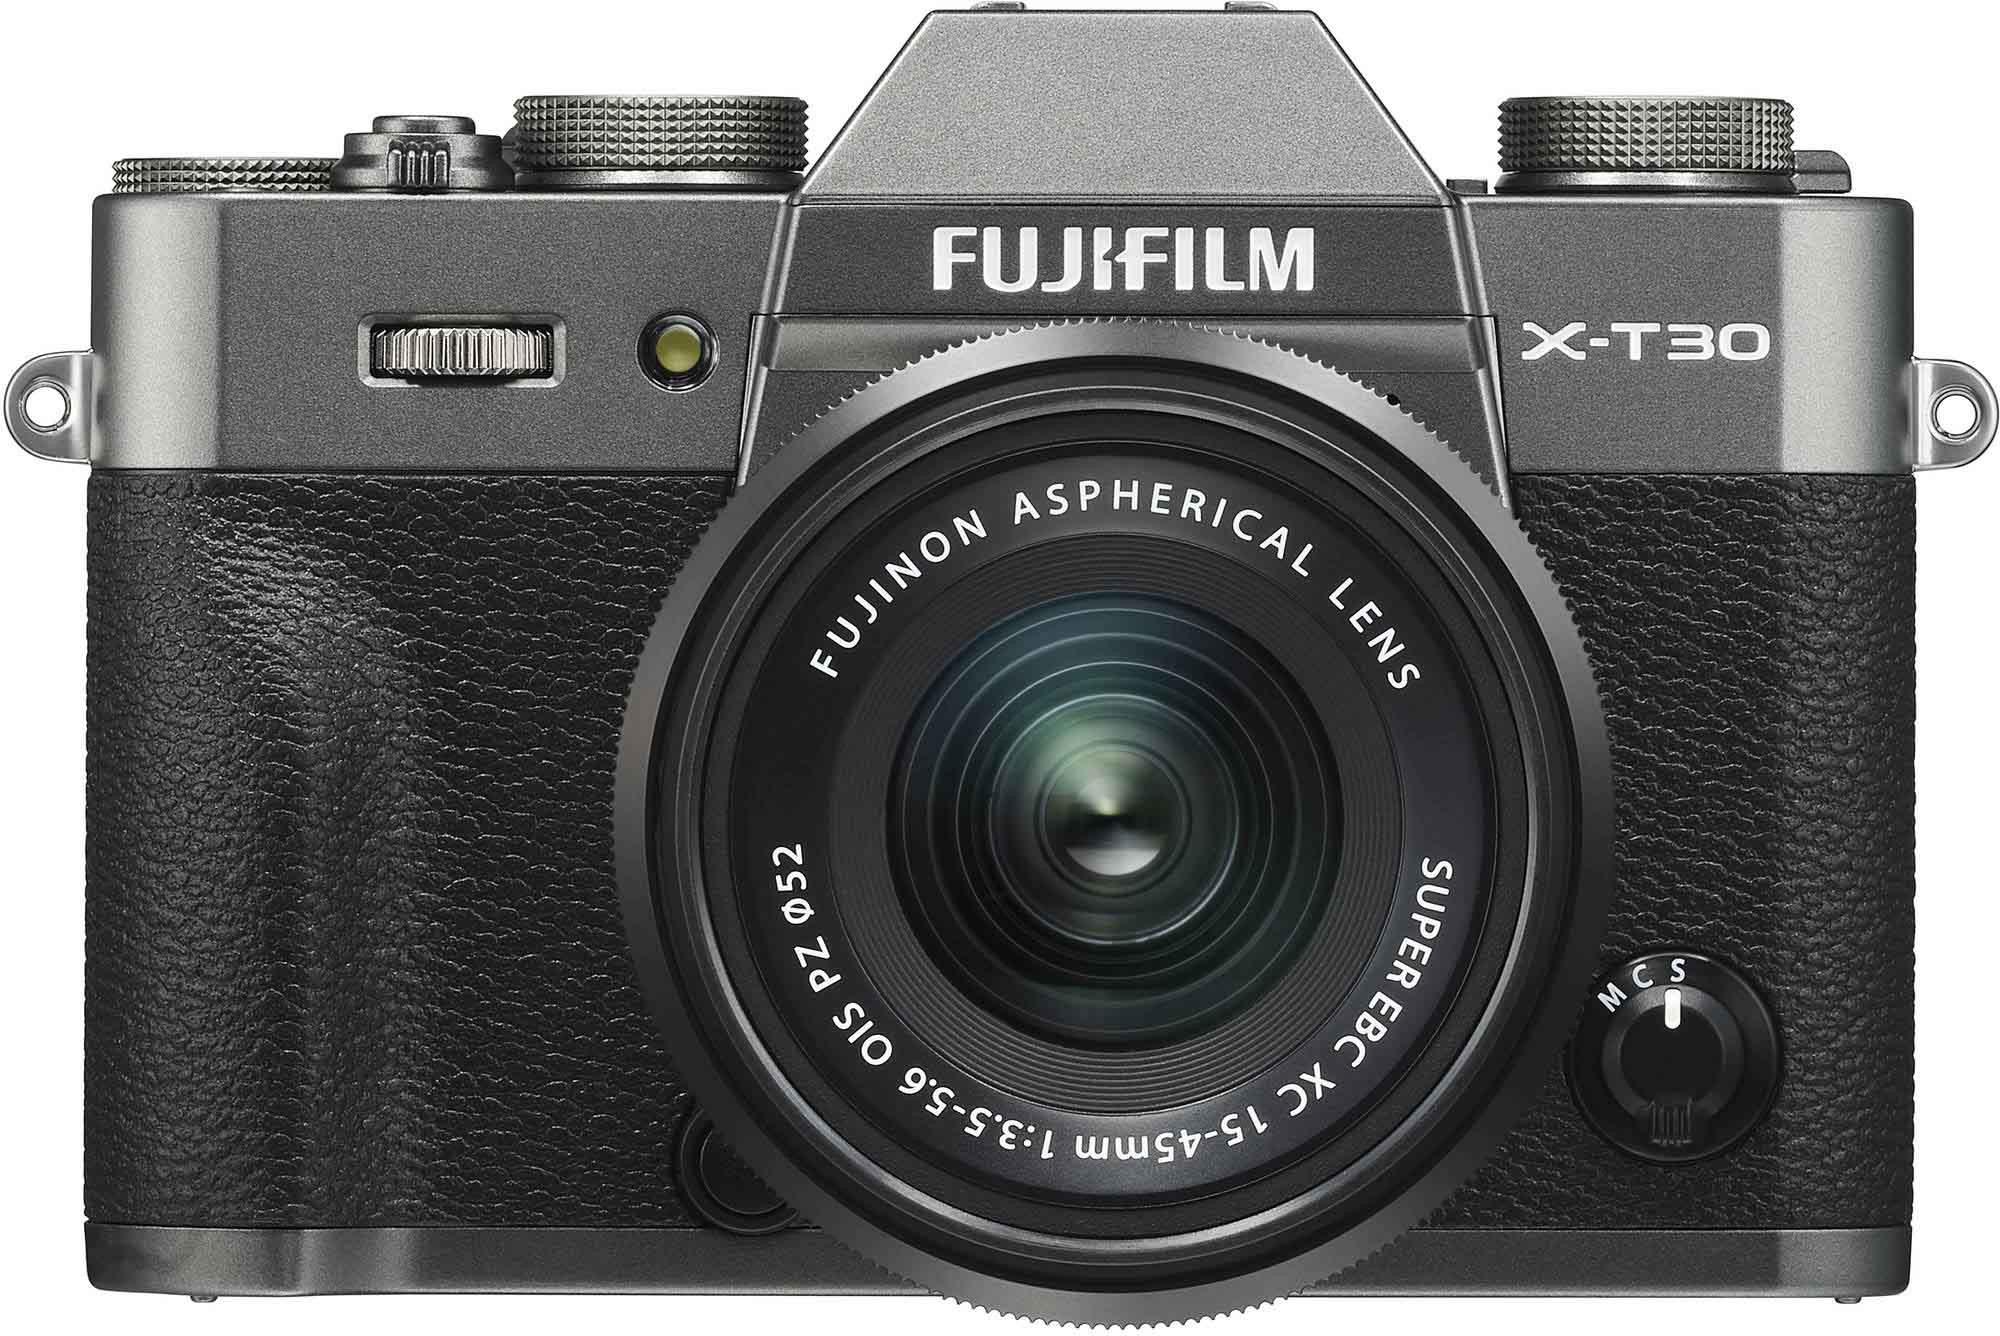 Fujifilm X-T30 + 15-45mm Kit, kokogles pelēks 4547410399943 Digitālā kamera